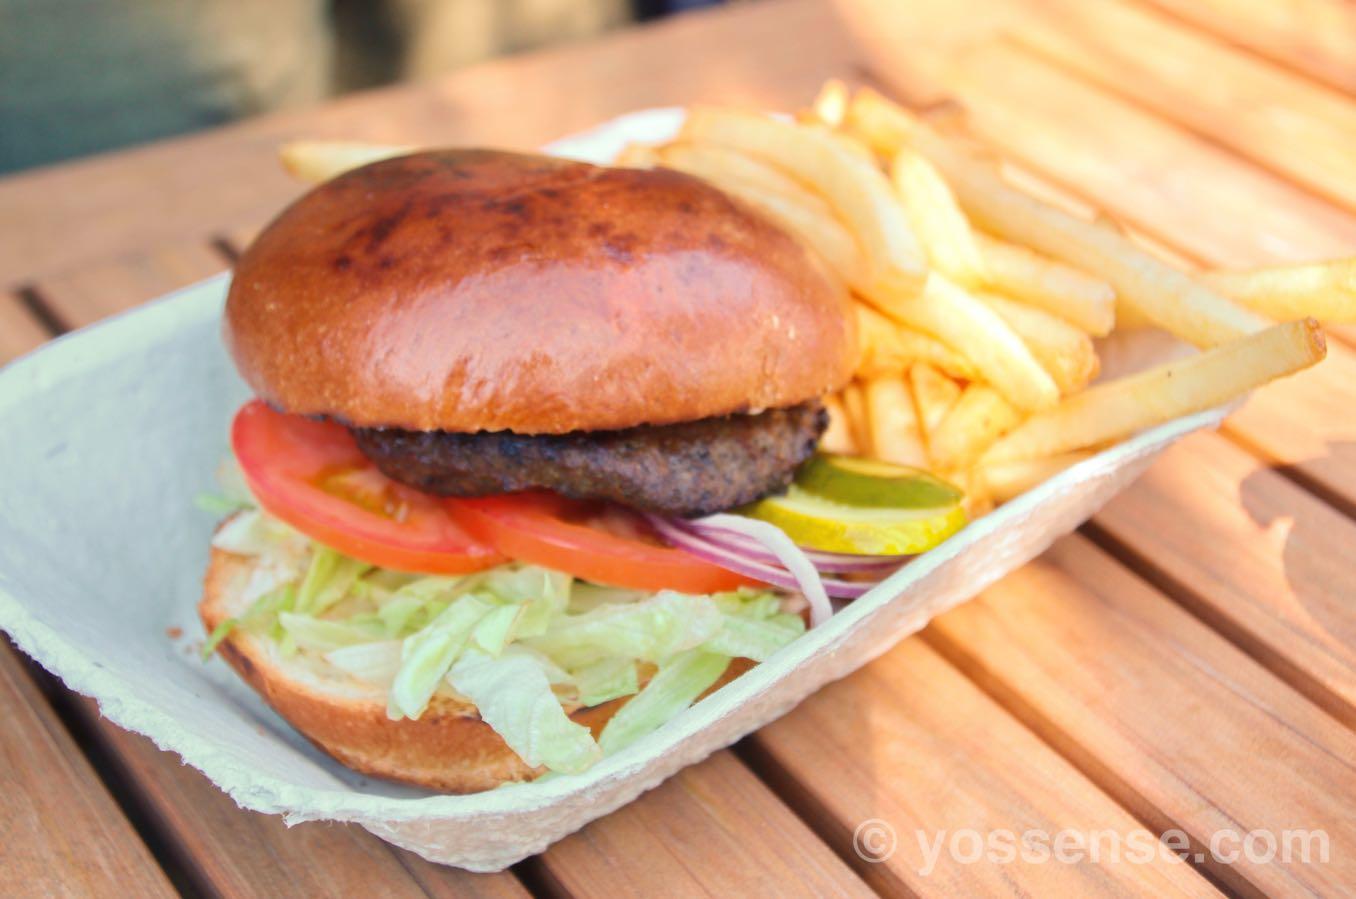 Beef Burger($14.50)